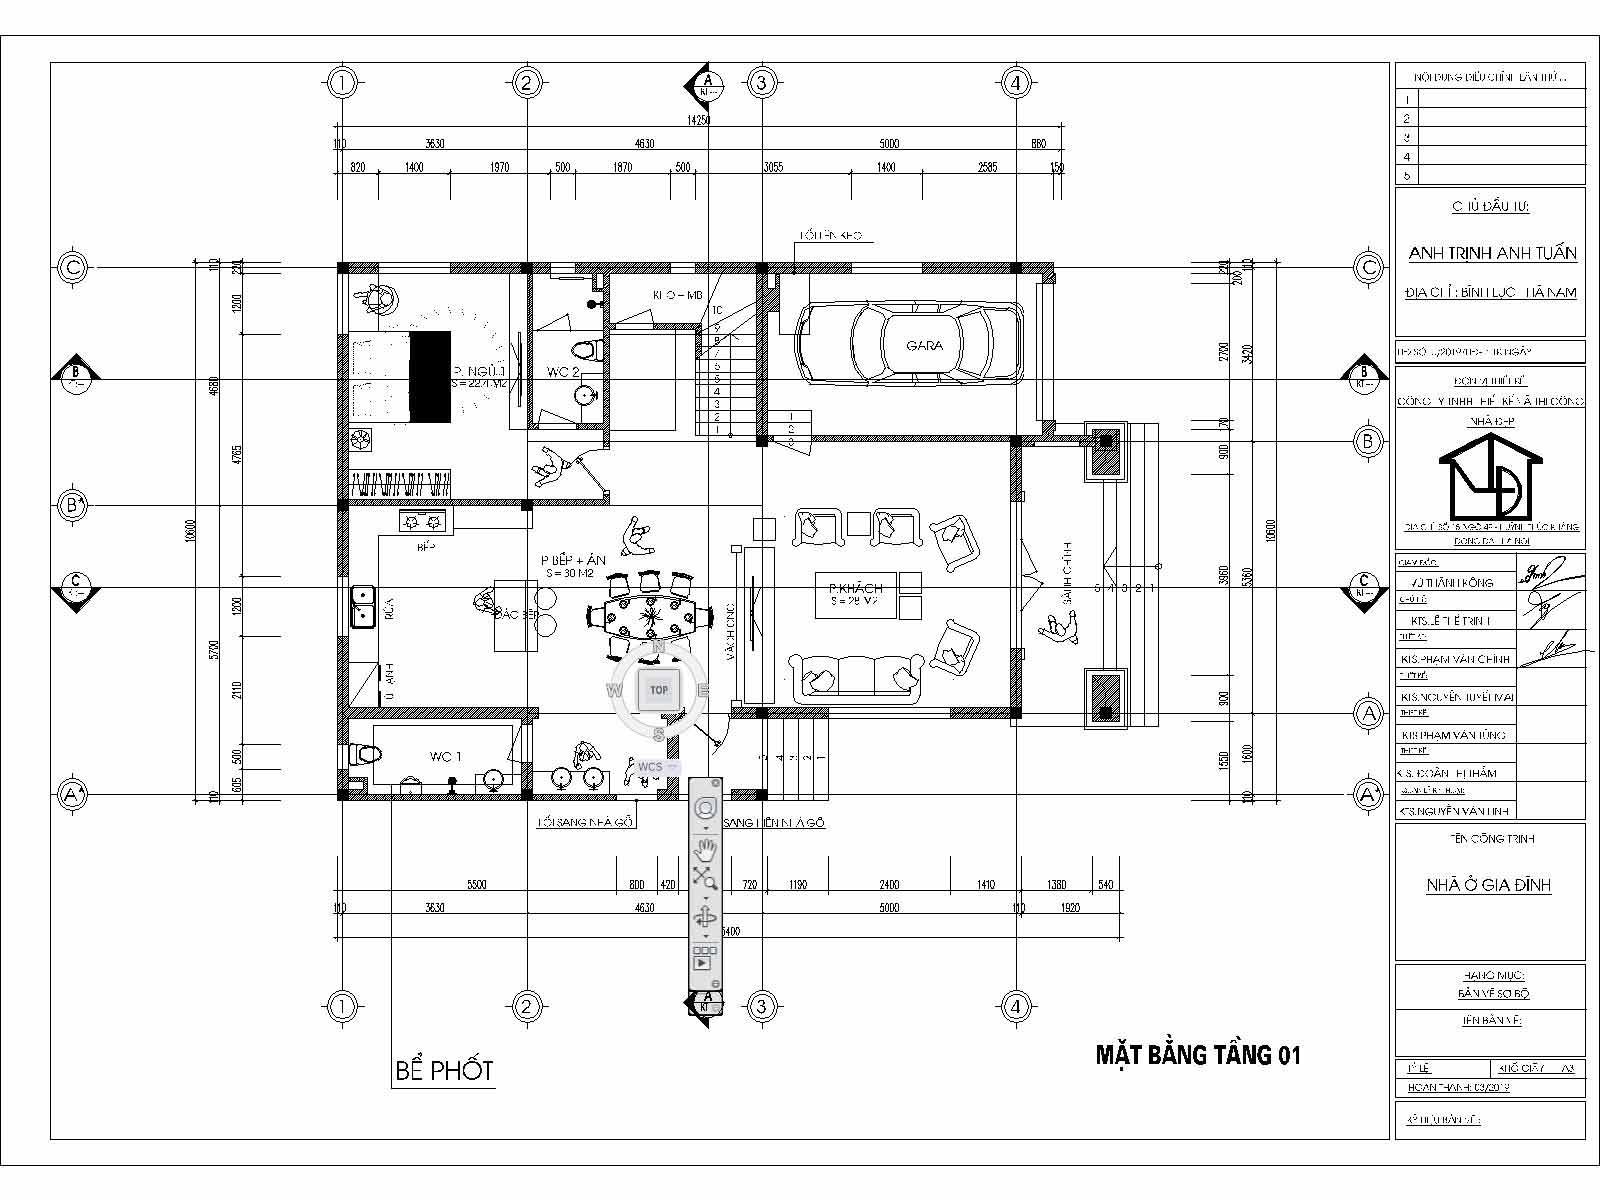 Mặt bằng tầng 1 mẫu biệt thự 2 tầng 9x14m tân cổ điển